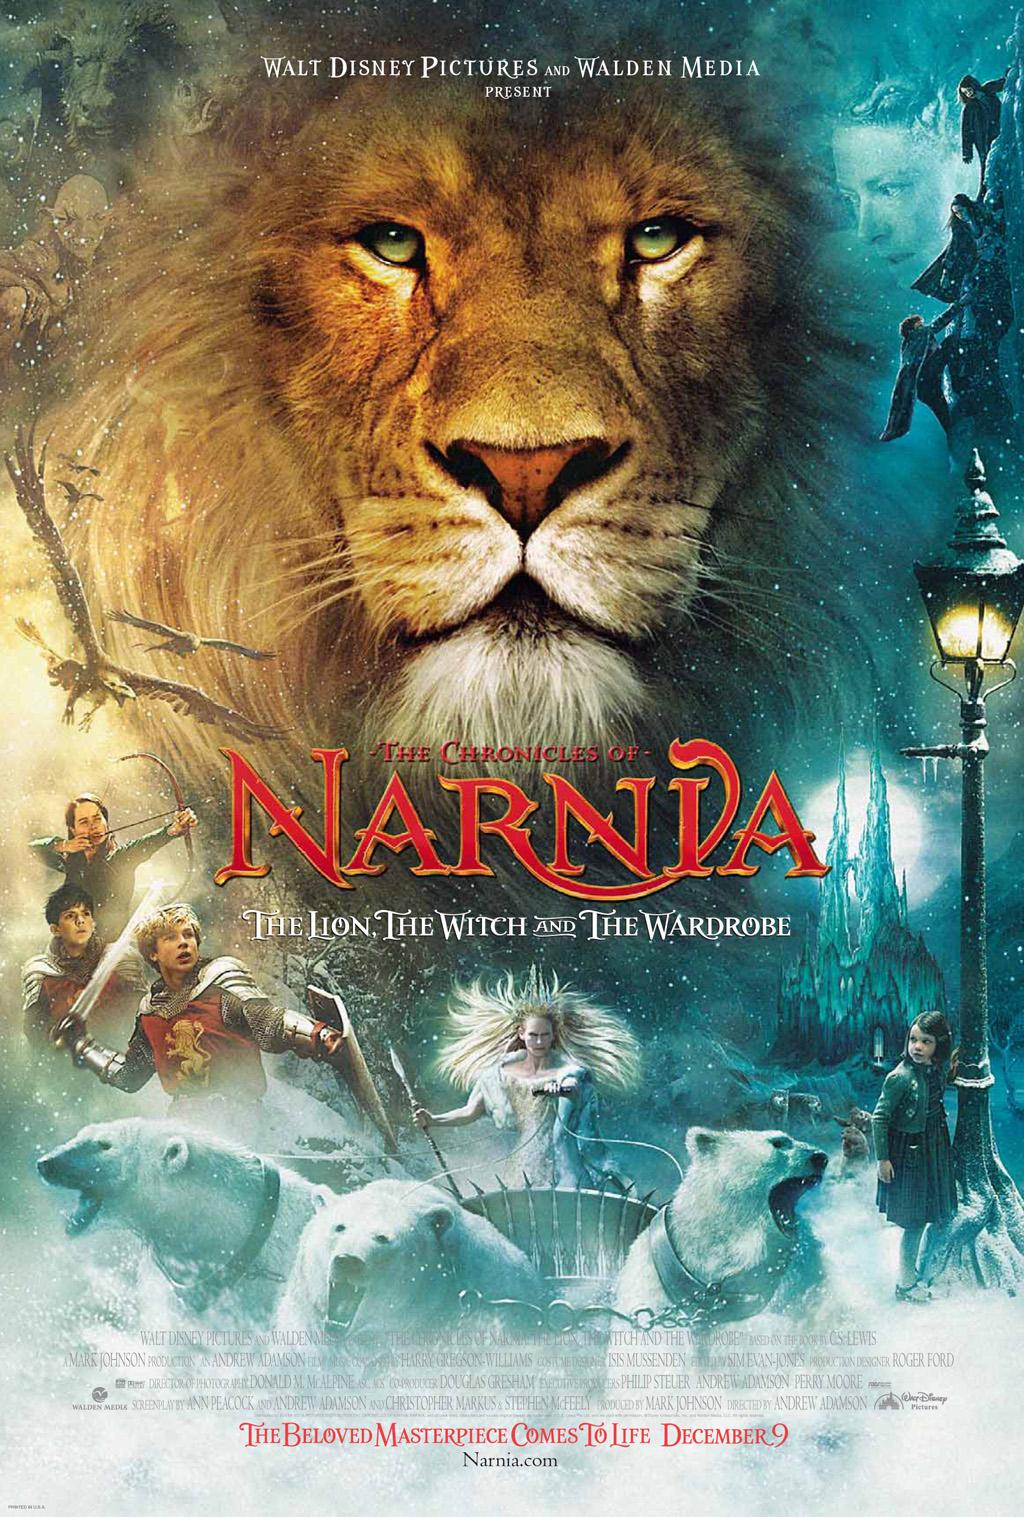 monde de narnia chapitre 1 le lion la sorcière blanche et l armoire